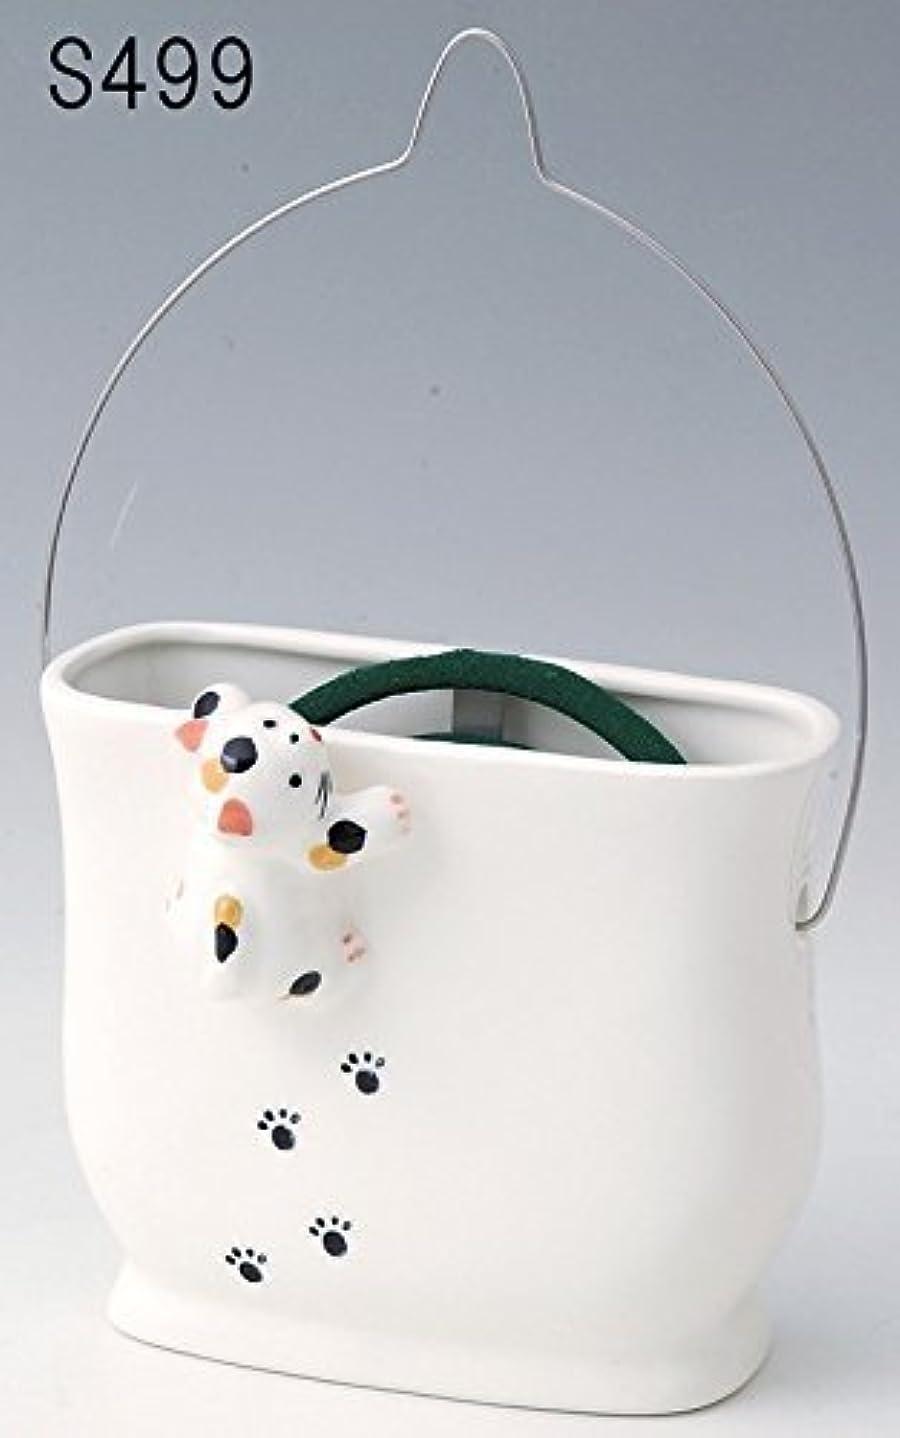 蚊遣器 たて型 がんばり猫 s499